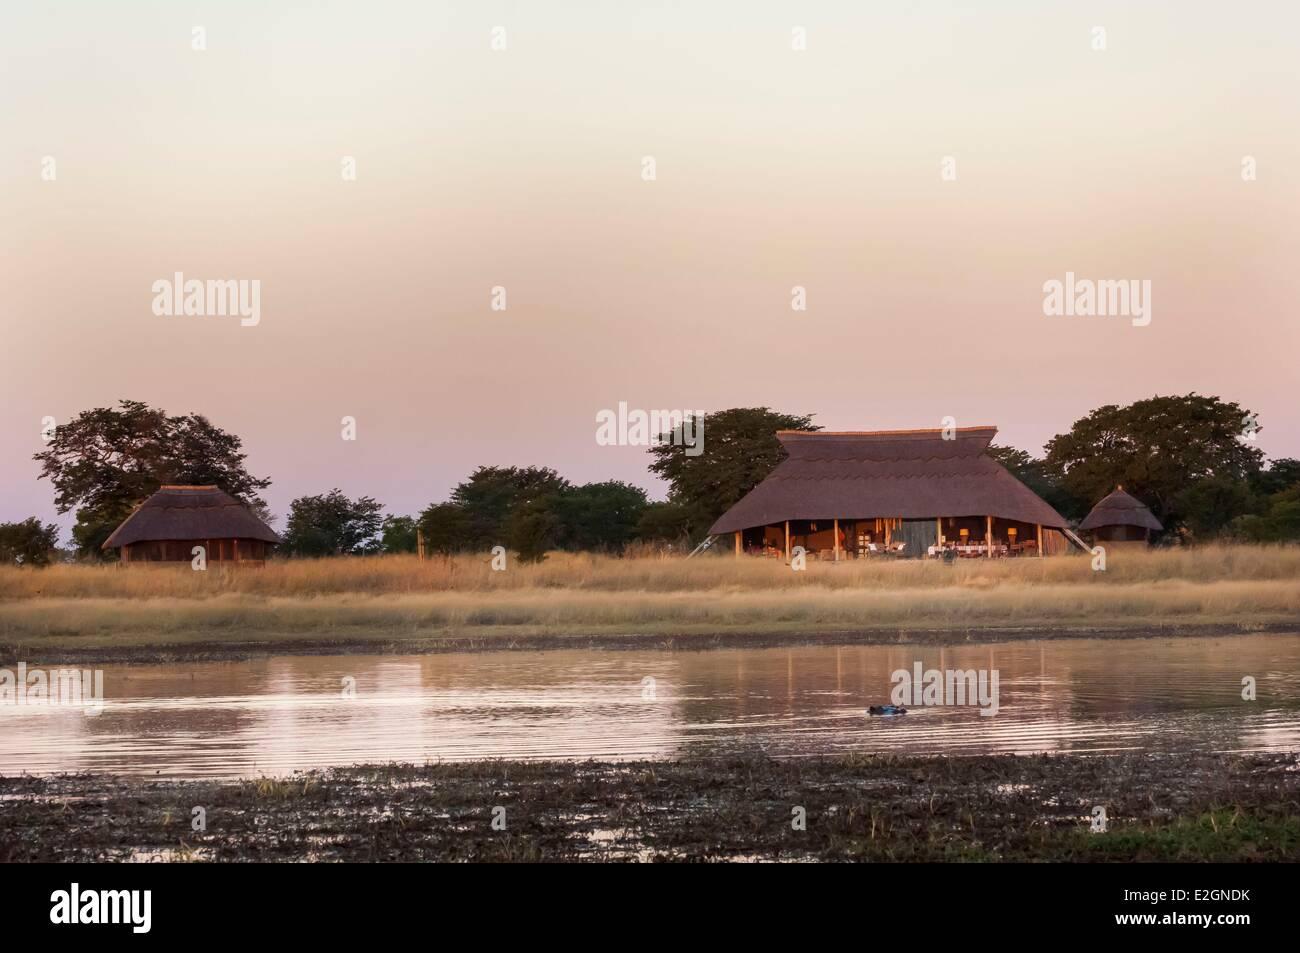 Zimbabwe Département Parc National Hwange Shuba Hwange hippo Camp des Plaines un trou d'eau (Hippopotamus Photo Stock